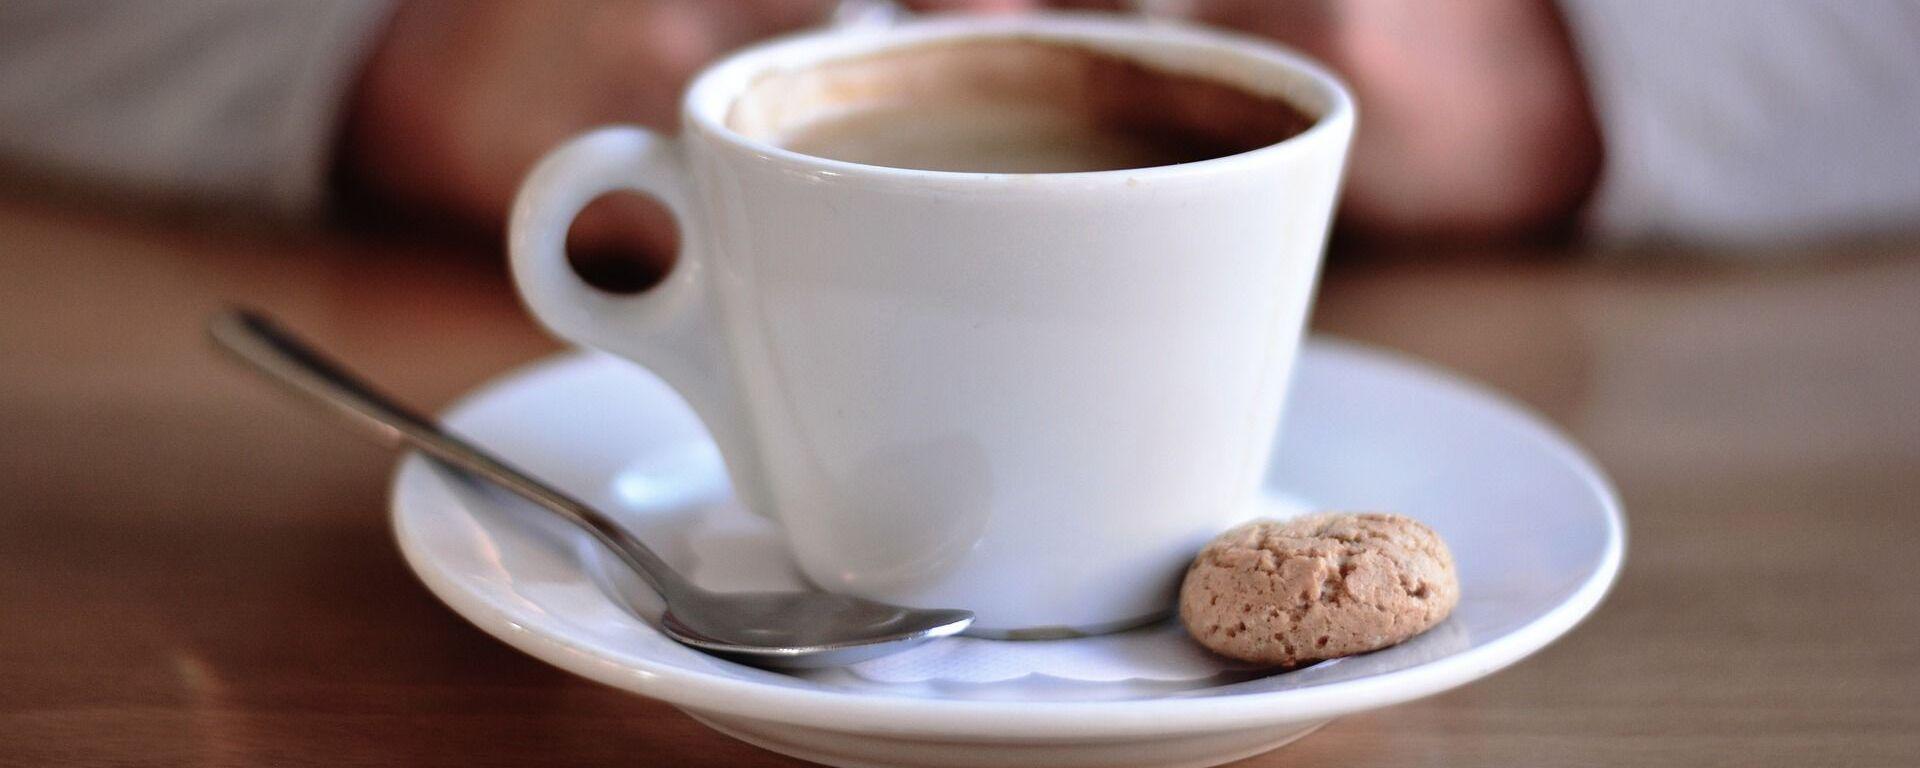 Una taza de café - Sputnik Mundo, 1920, 19.03.2021